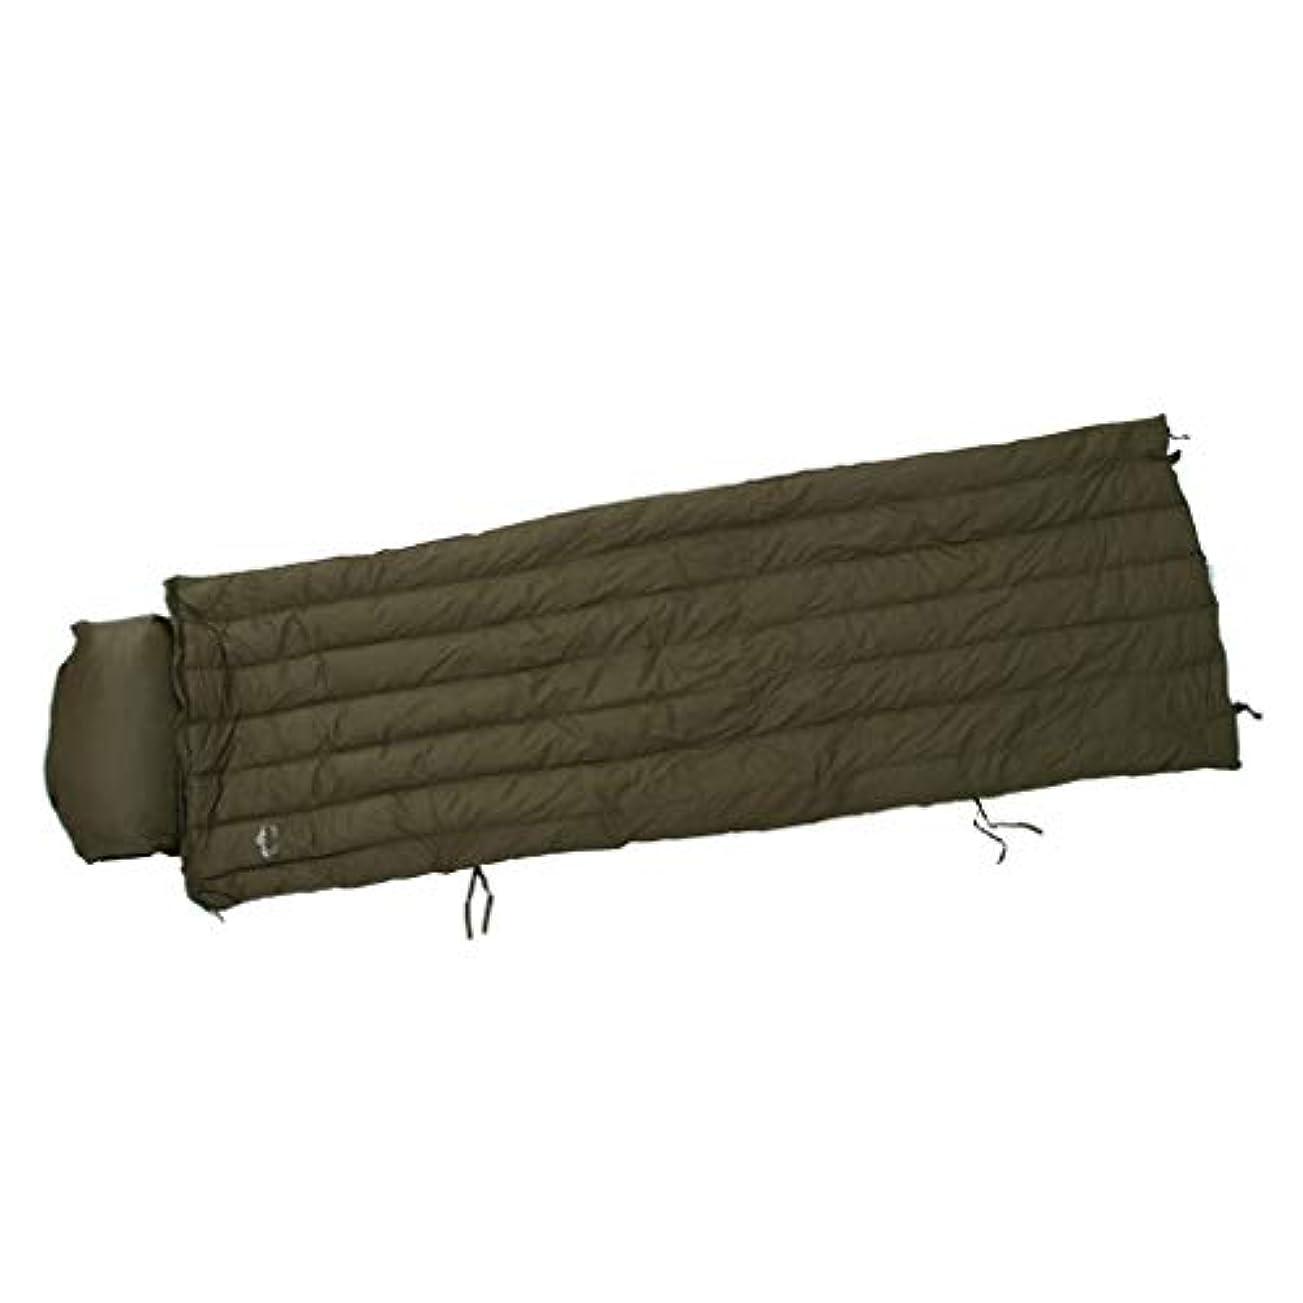 気難しいから聞くかび臭いToygogo キャンプ用ハイキング旅行アウトドア用の圧縮袋と枕、ポータブル、軽量の涼しい大人の寝袋